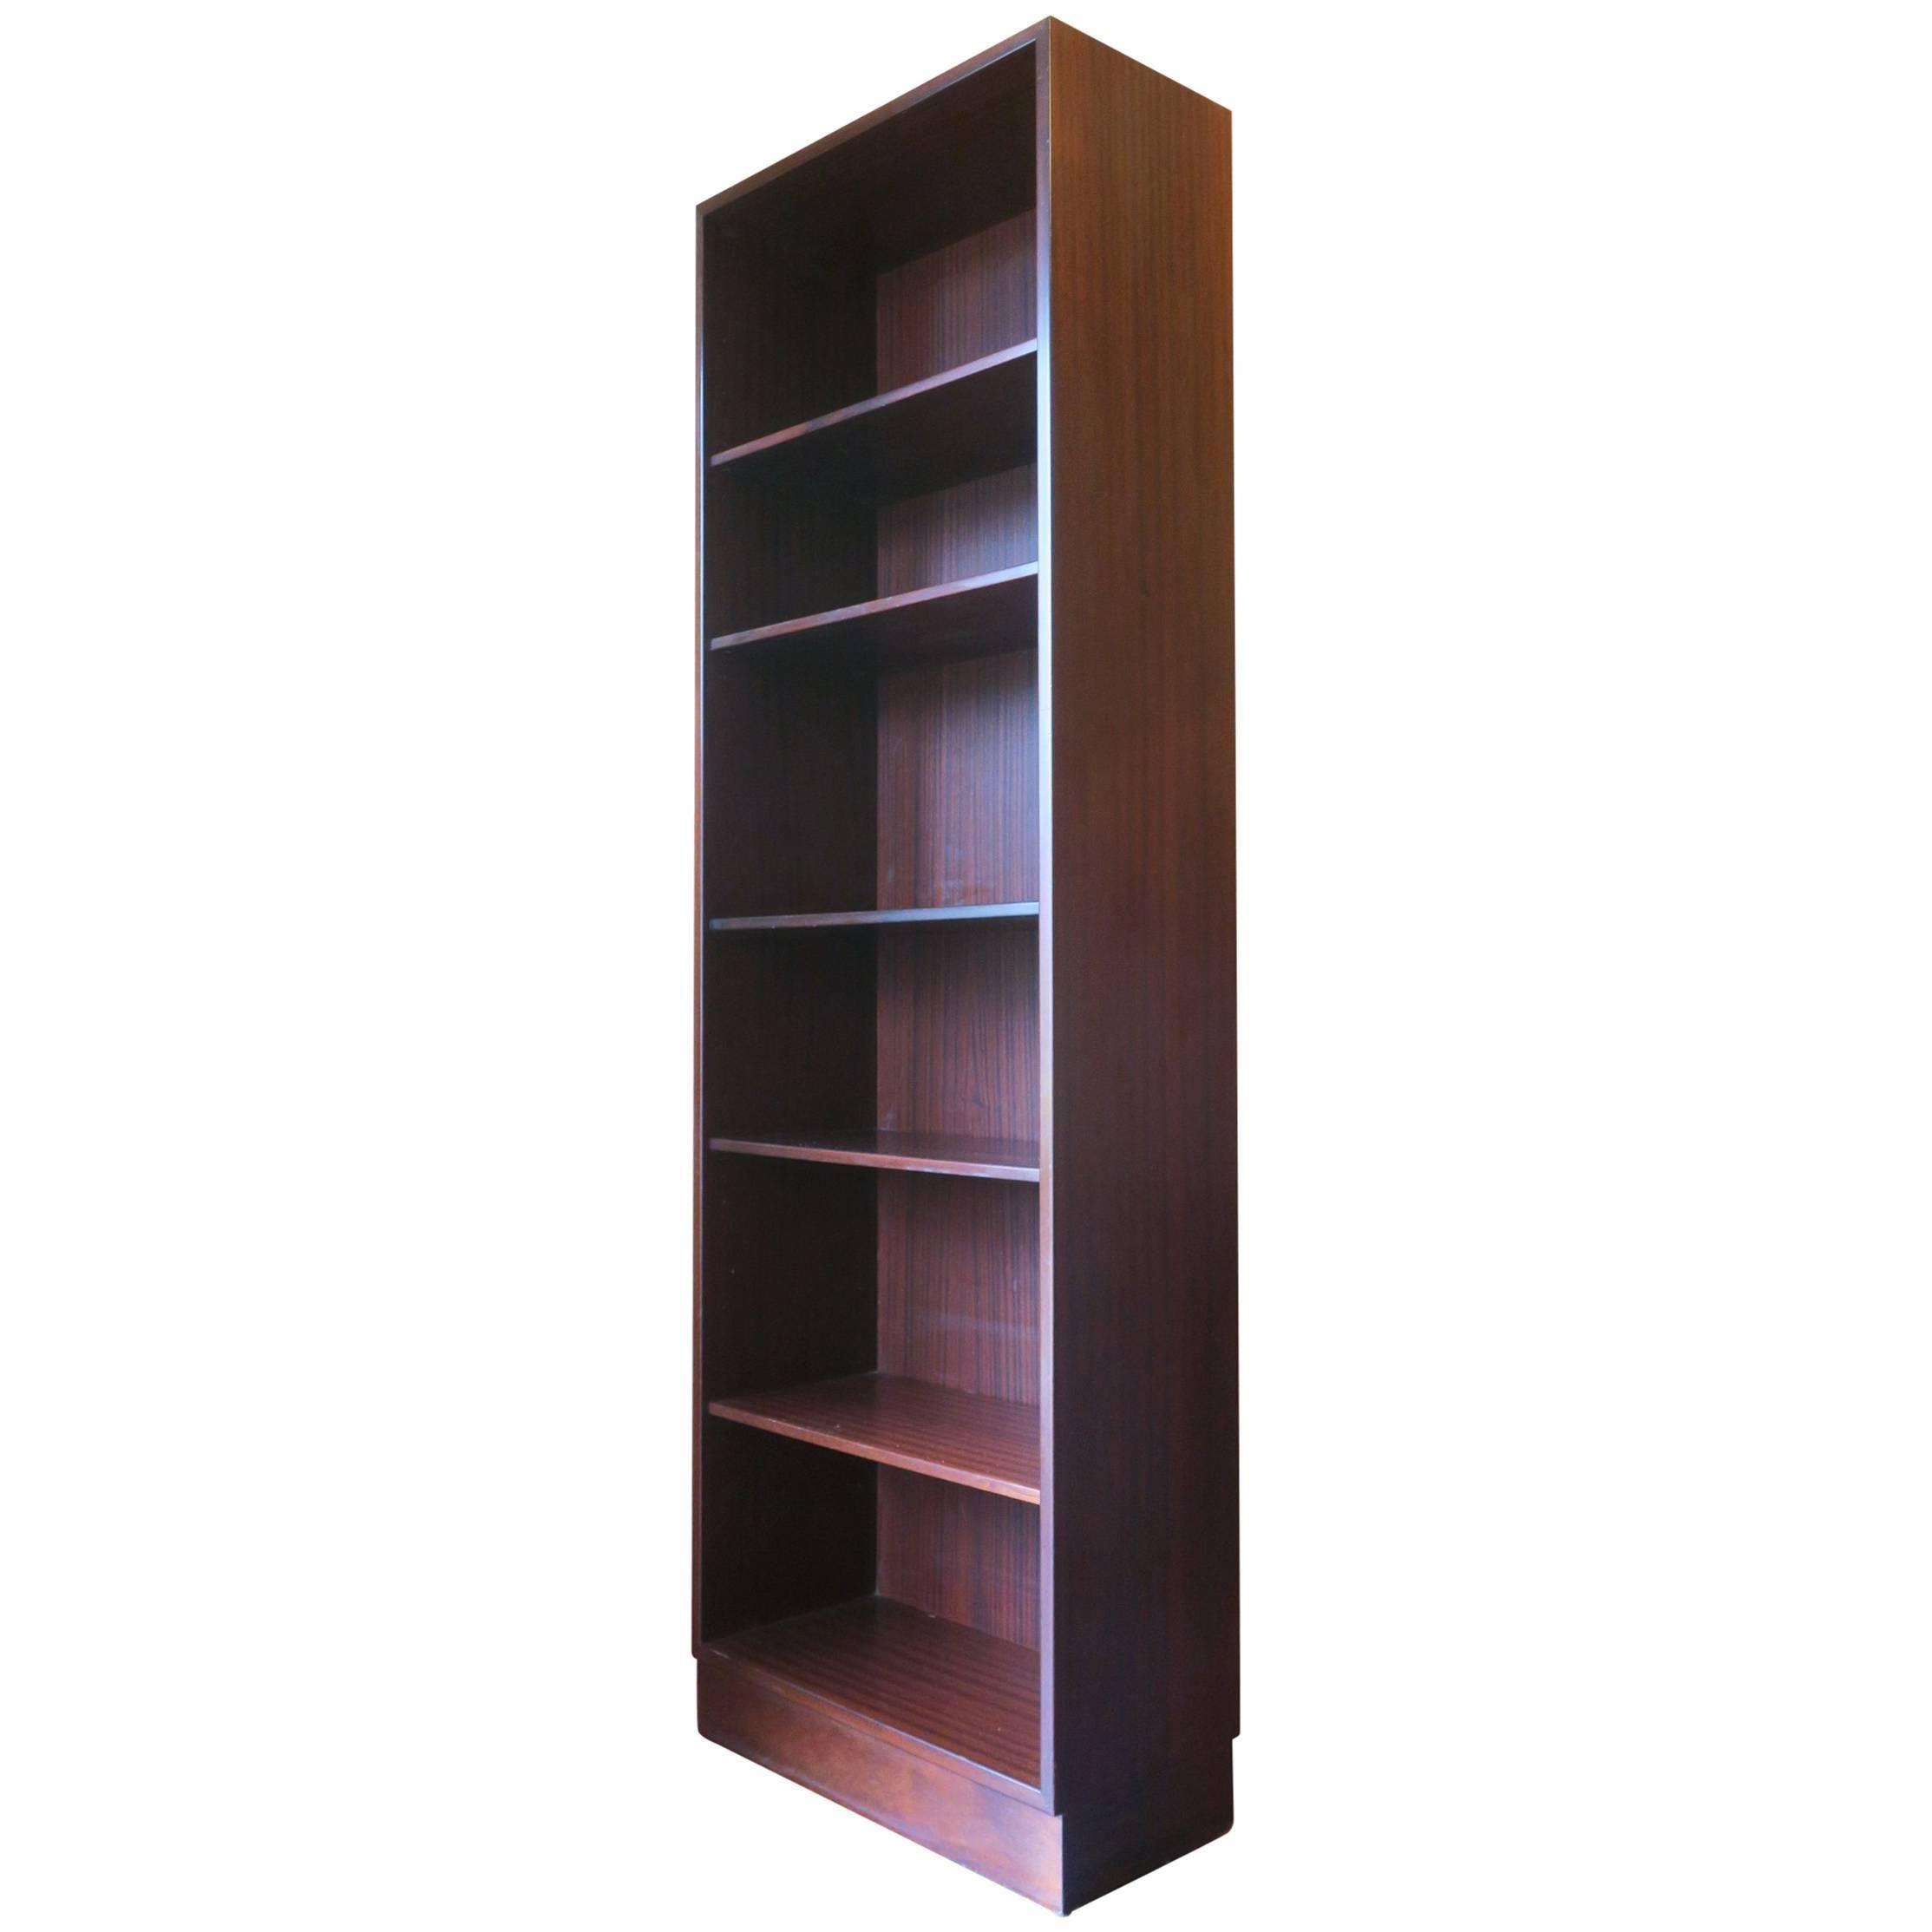 Poul Hundevad Mahogany Narrow Bookshelf